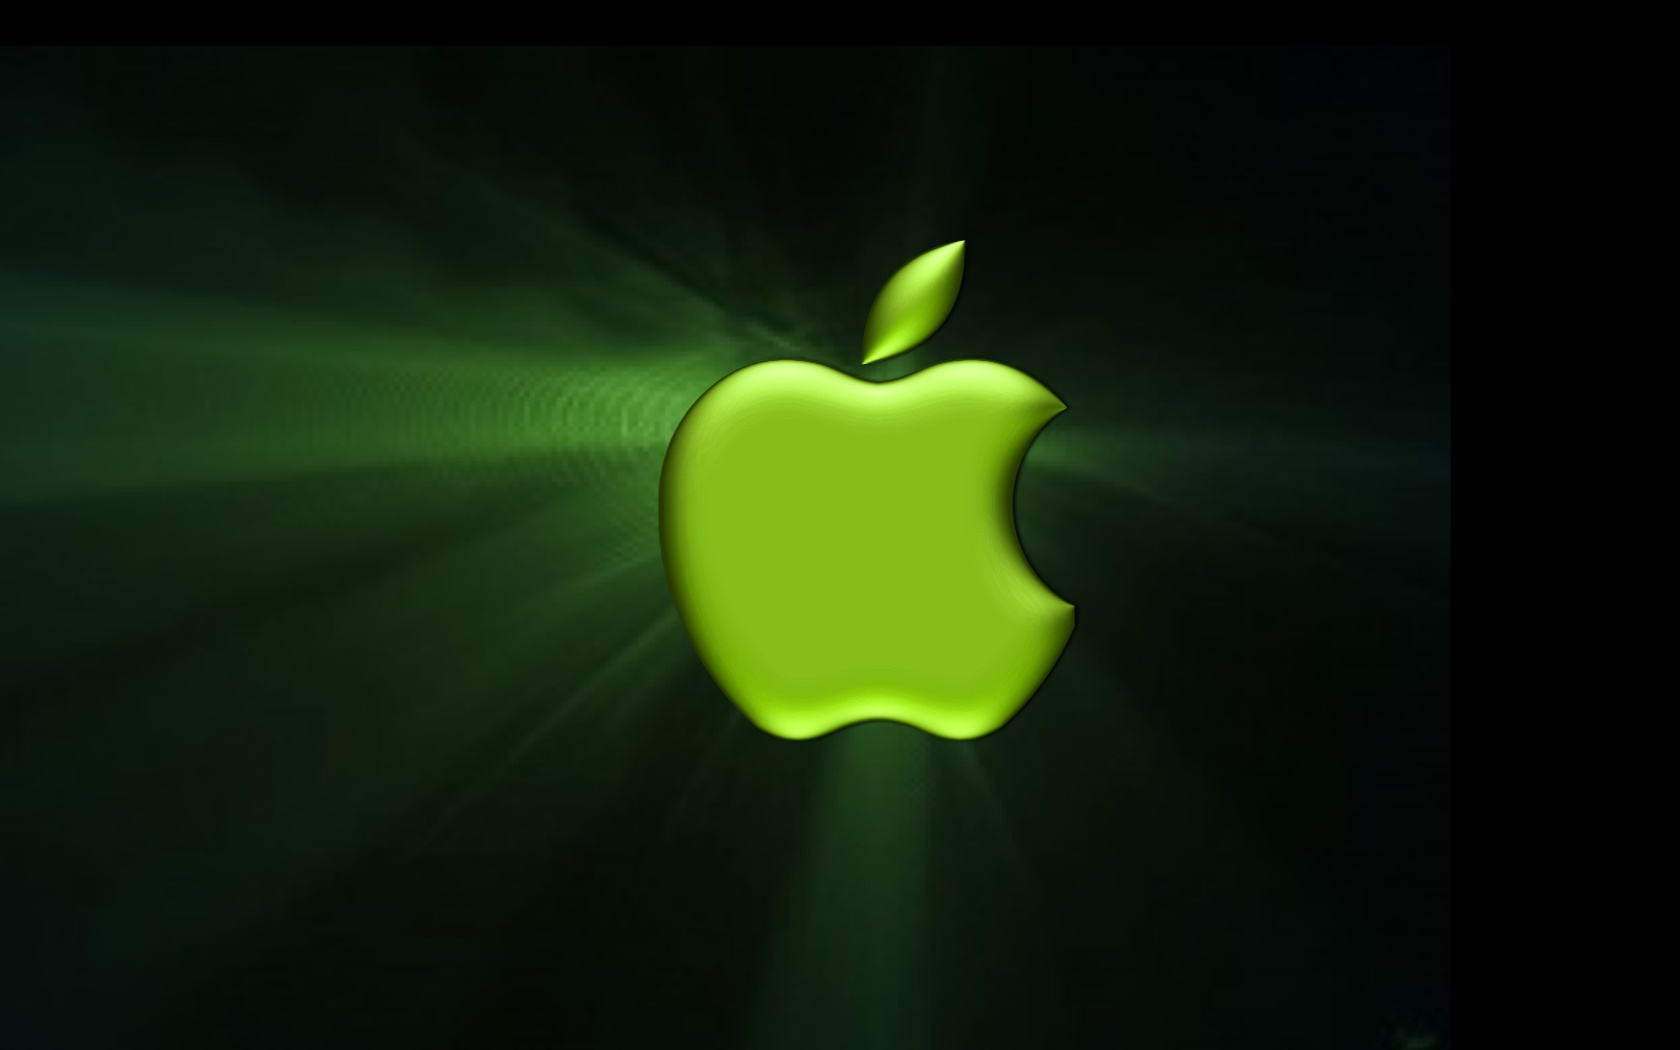 Картинка откусанное яблоко айфон